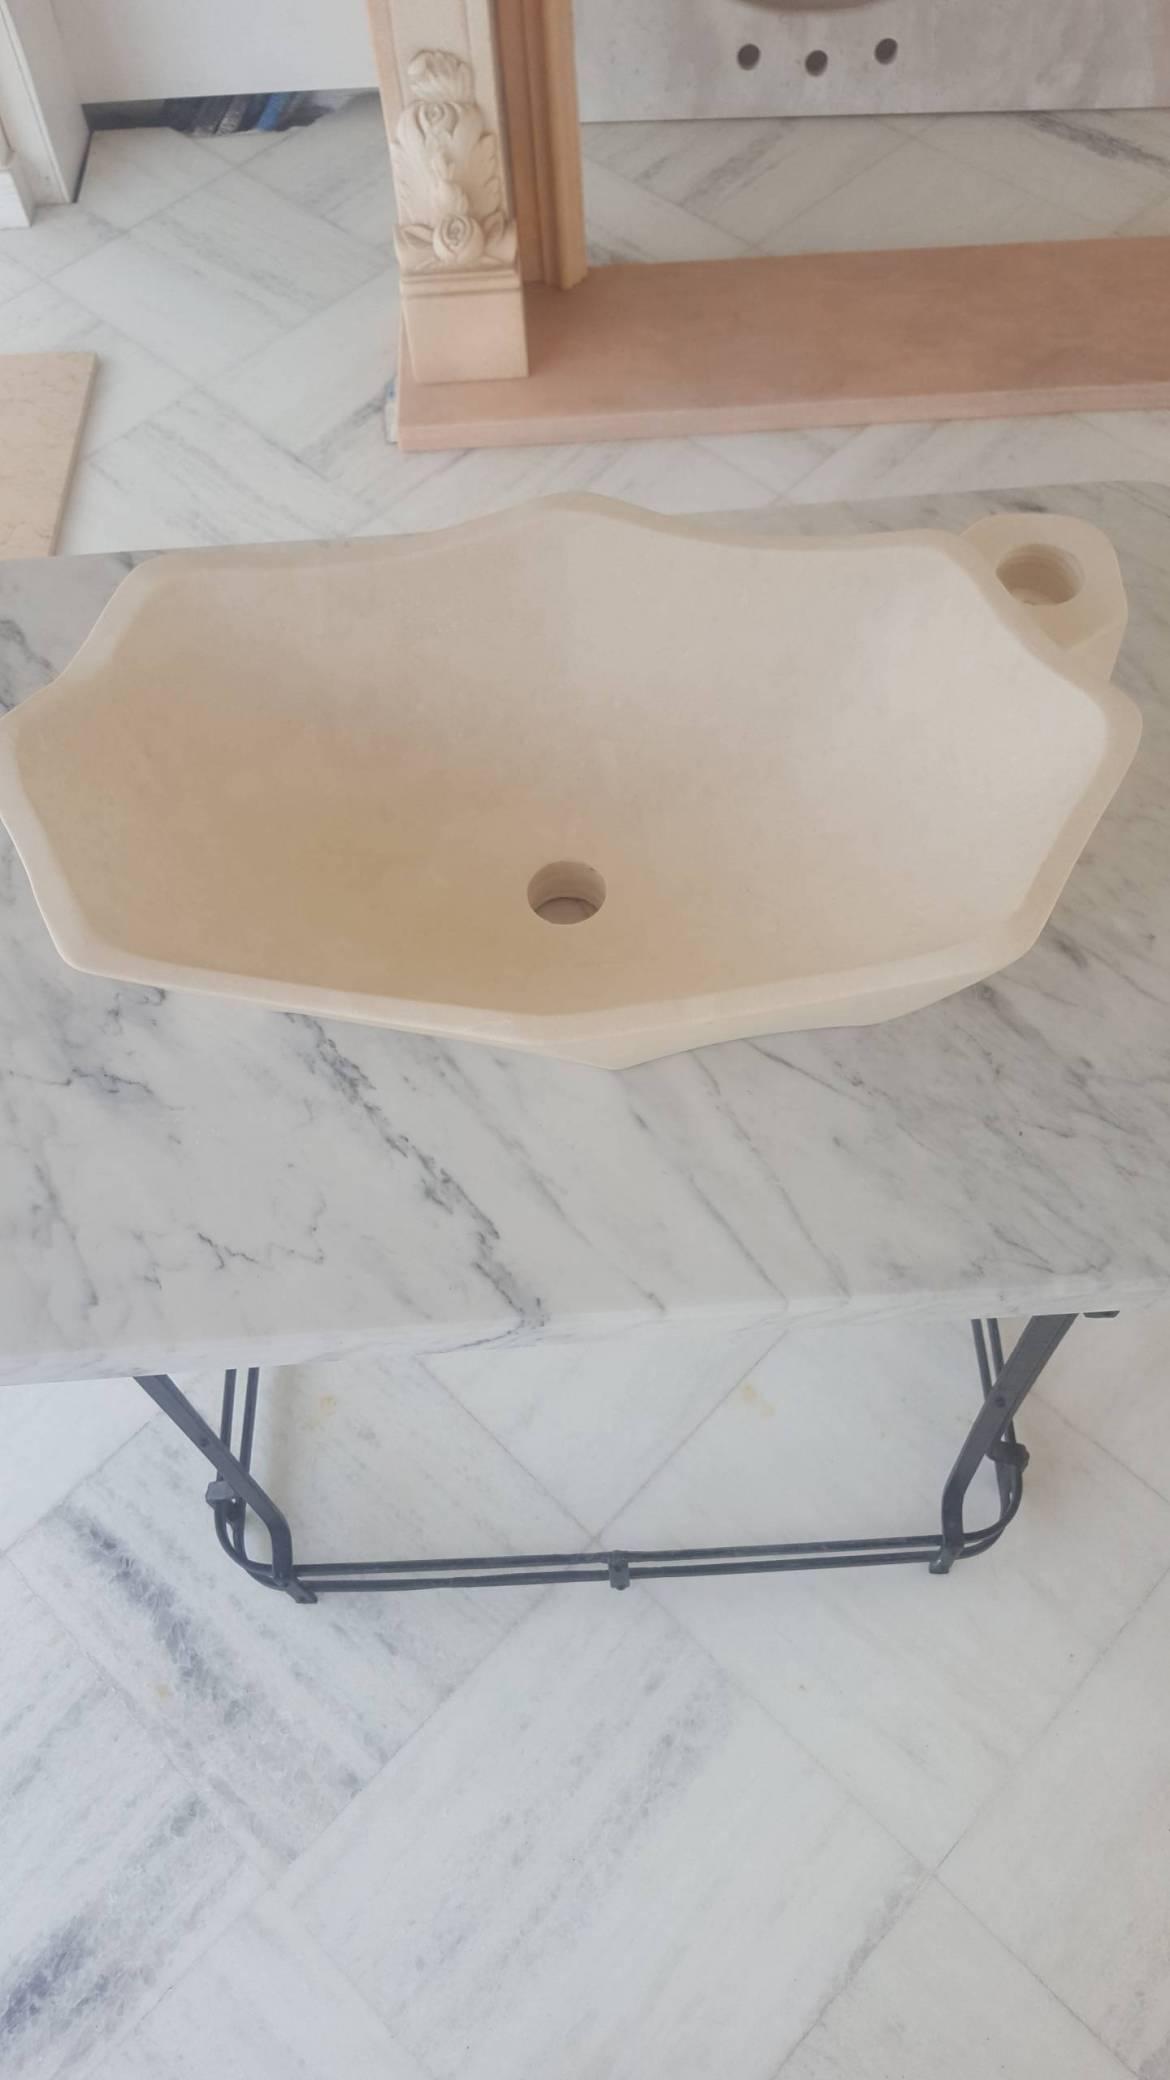 lavabo-da-appoggio-in-pietra-bianca-marfil-2-scaled.jpg